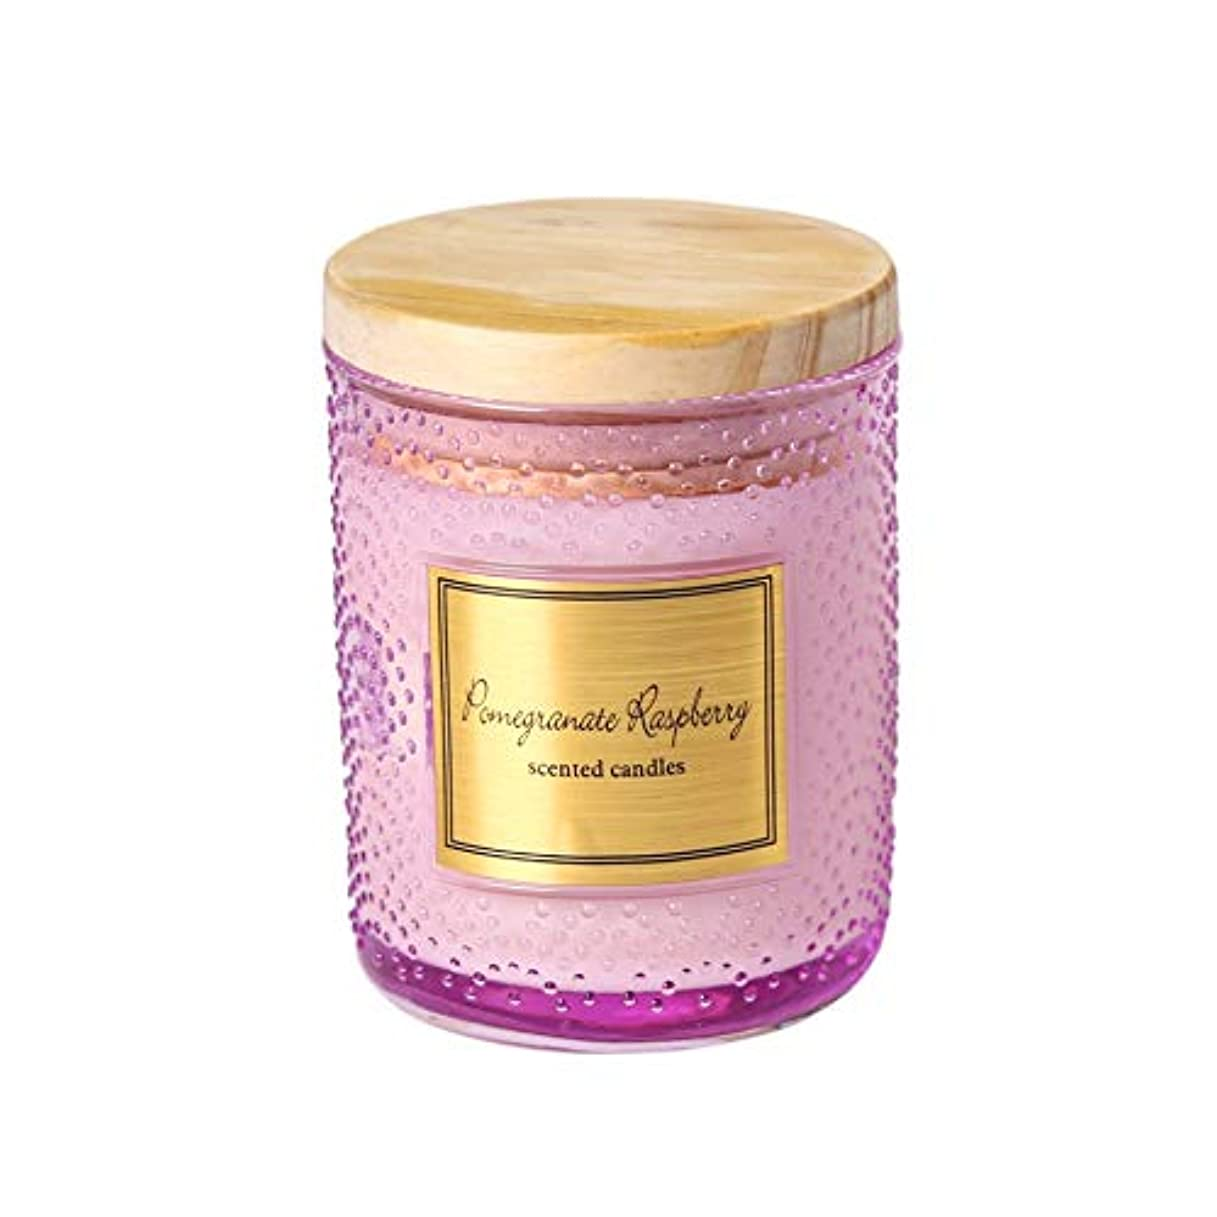 カートン検出収容するGuomao 大豆ワックスカップアロマセラピーキャンドルカップ手作りキャンドルウェディングキャンドルカラーキャンドルハンドギフトボックス (色 : Polka dot purple)